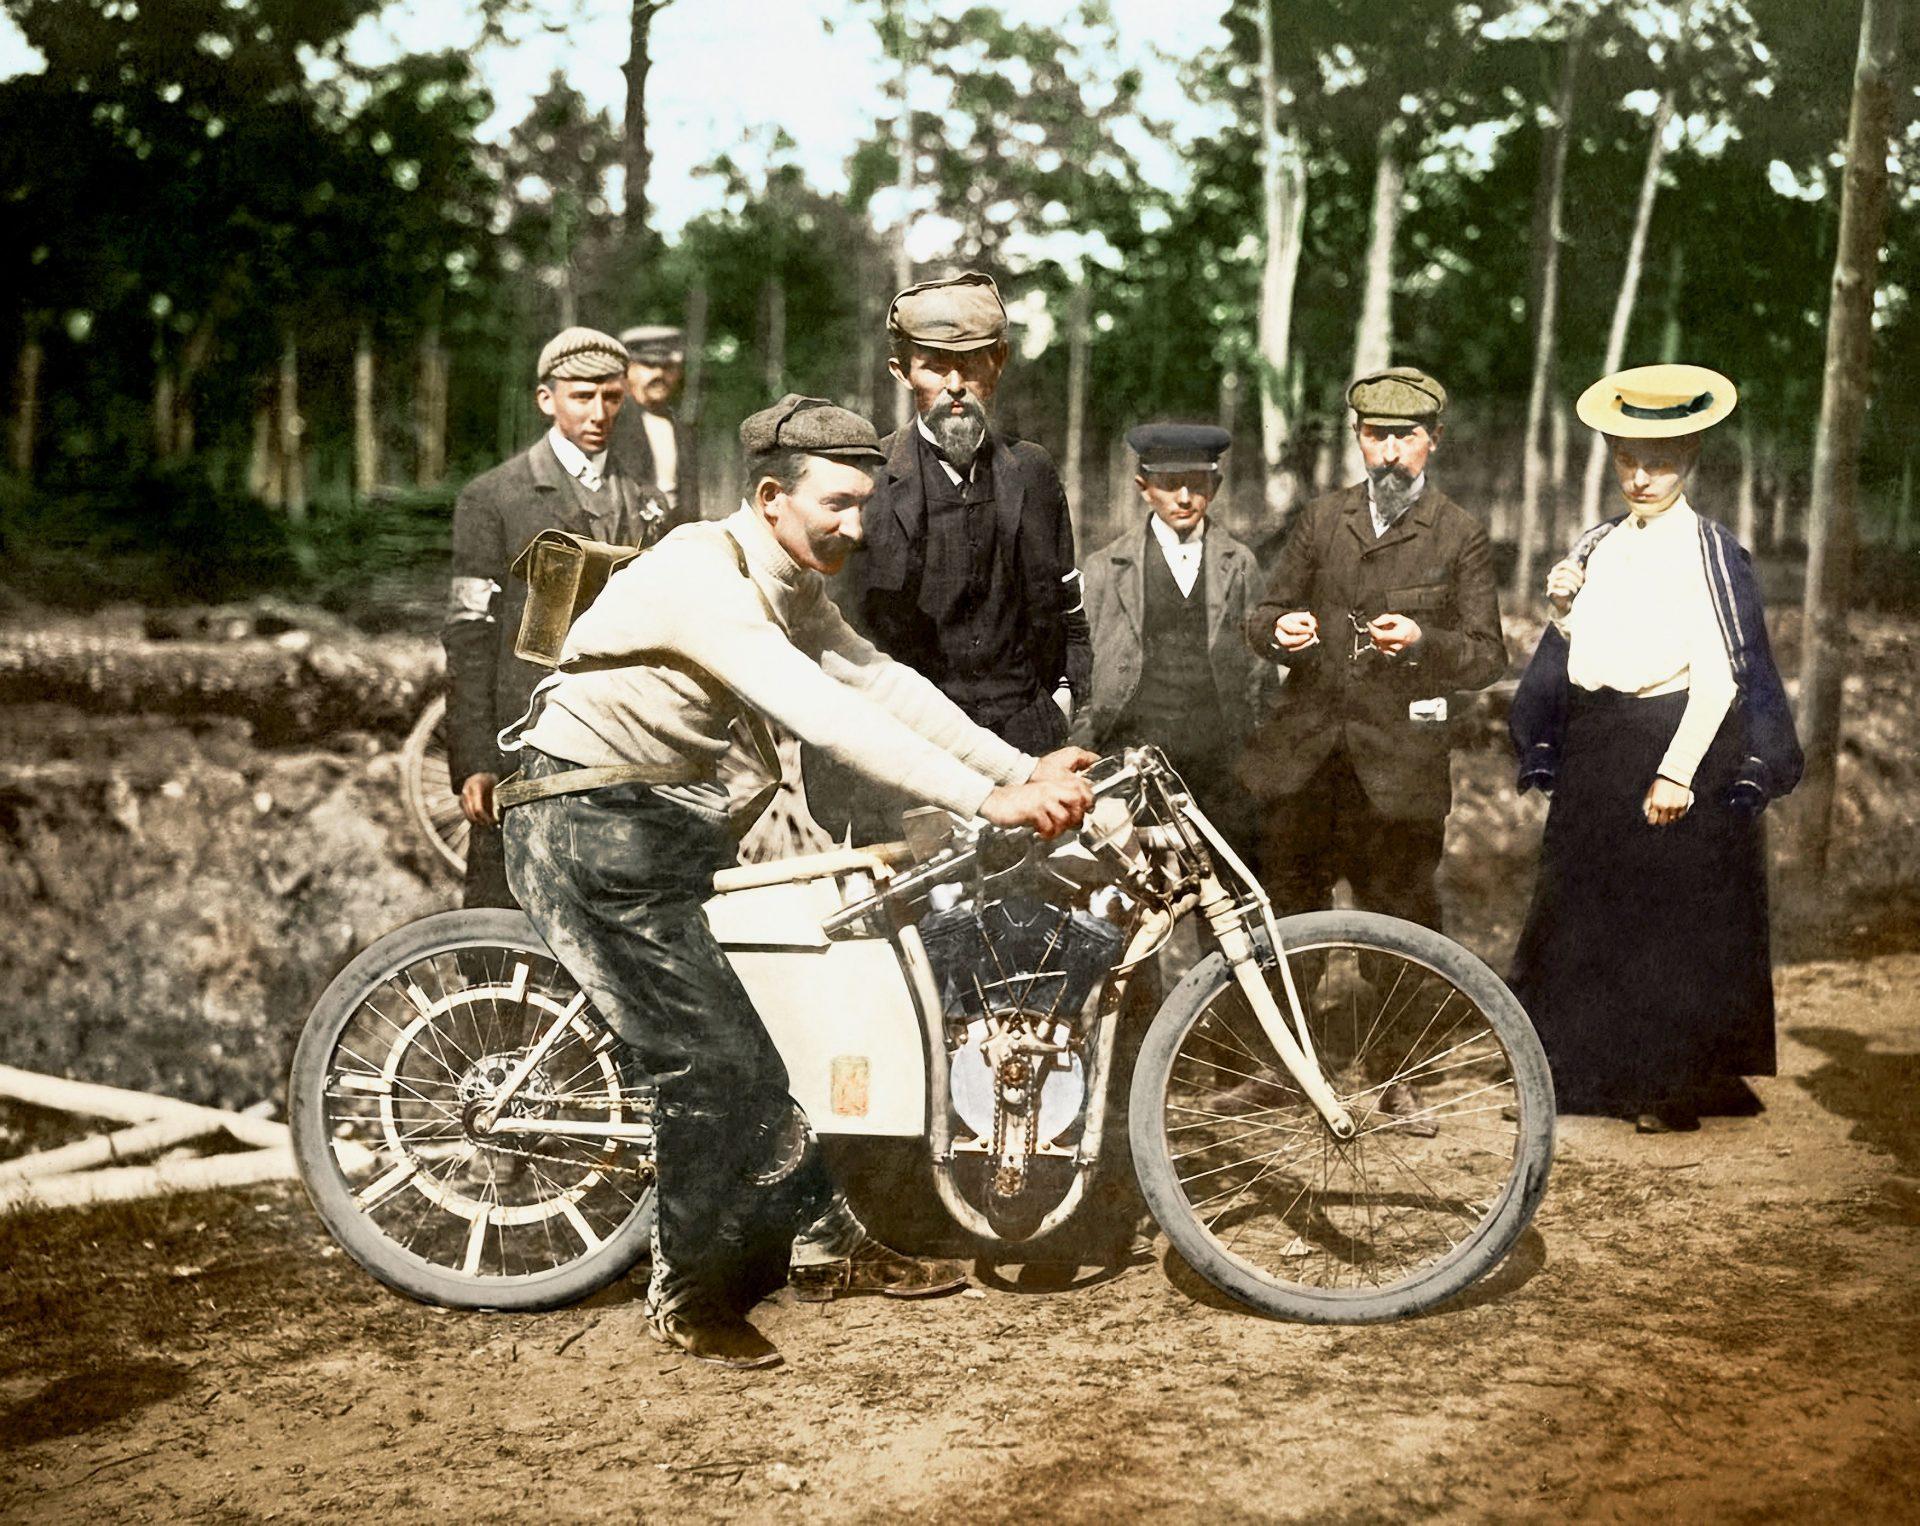 Před 115 lety byl Laurin & Klement vítězem světového šampionátu v Dourdanu